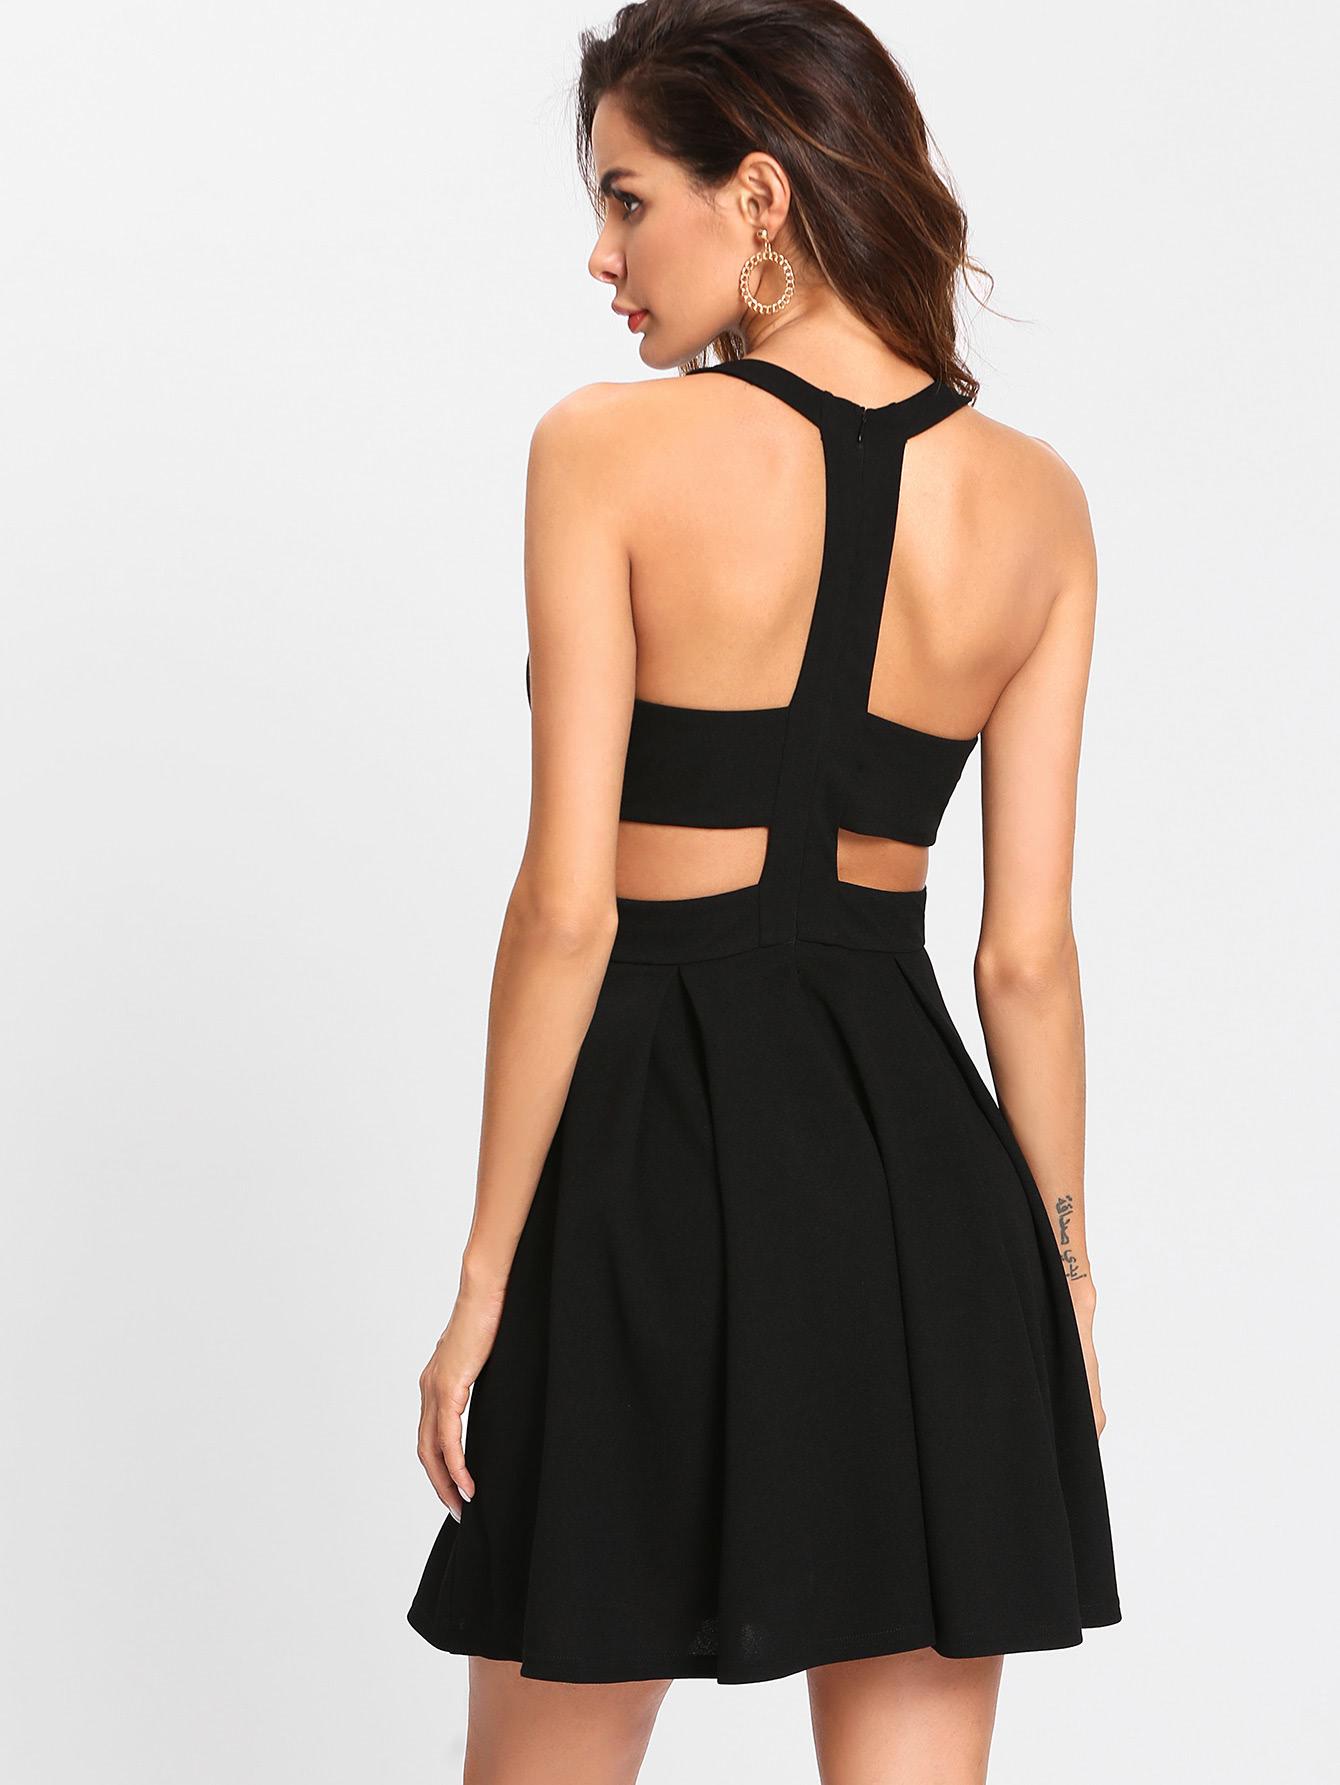 вечернее короткое платье открытой спиной фото размеры точки, можно